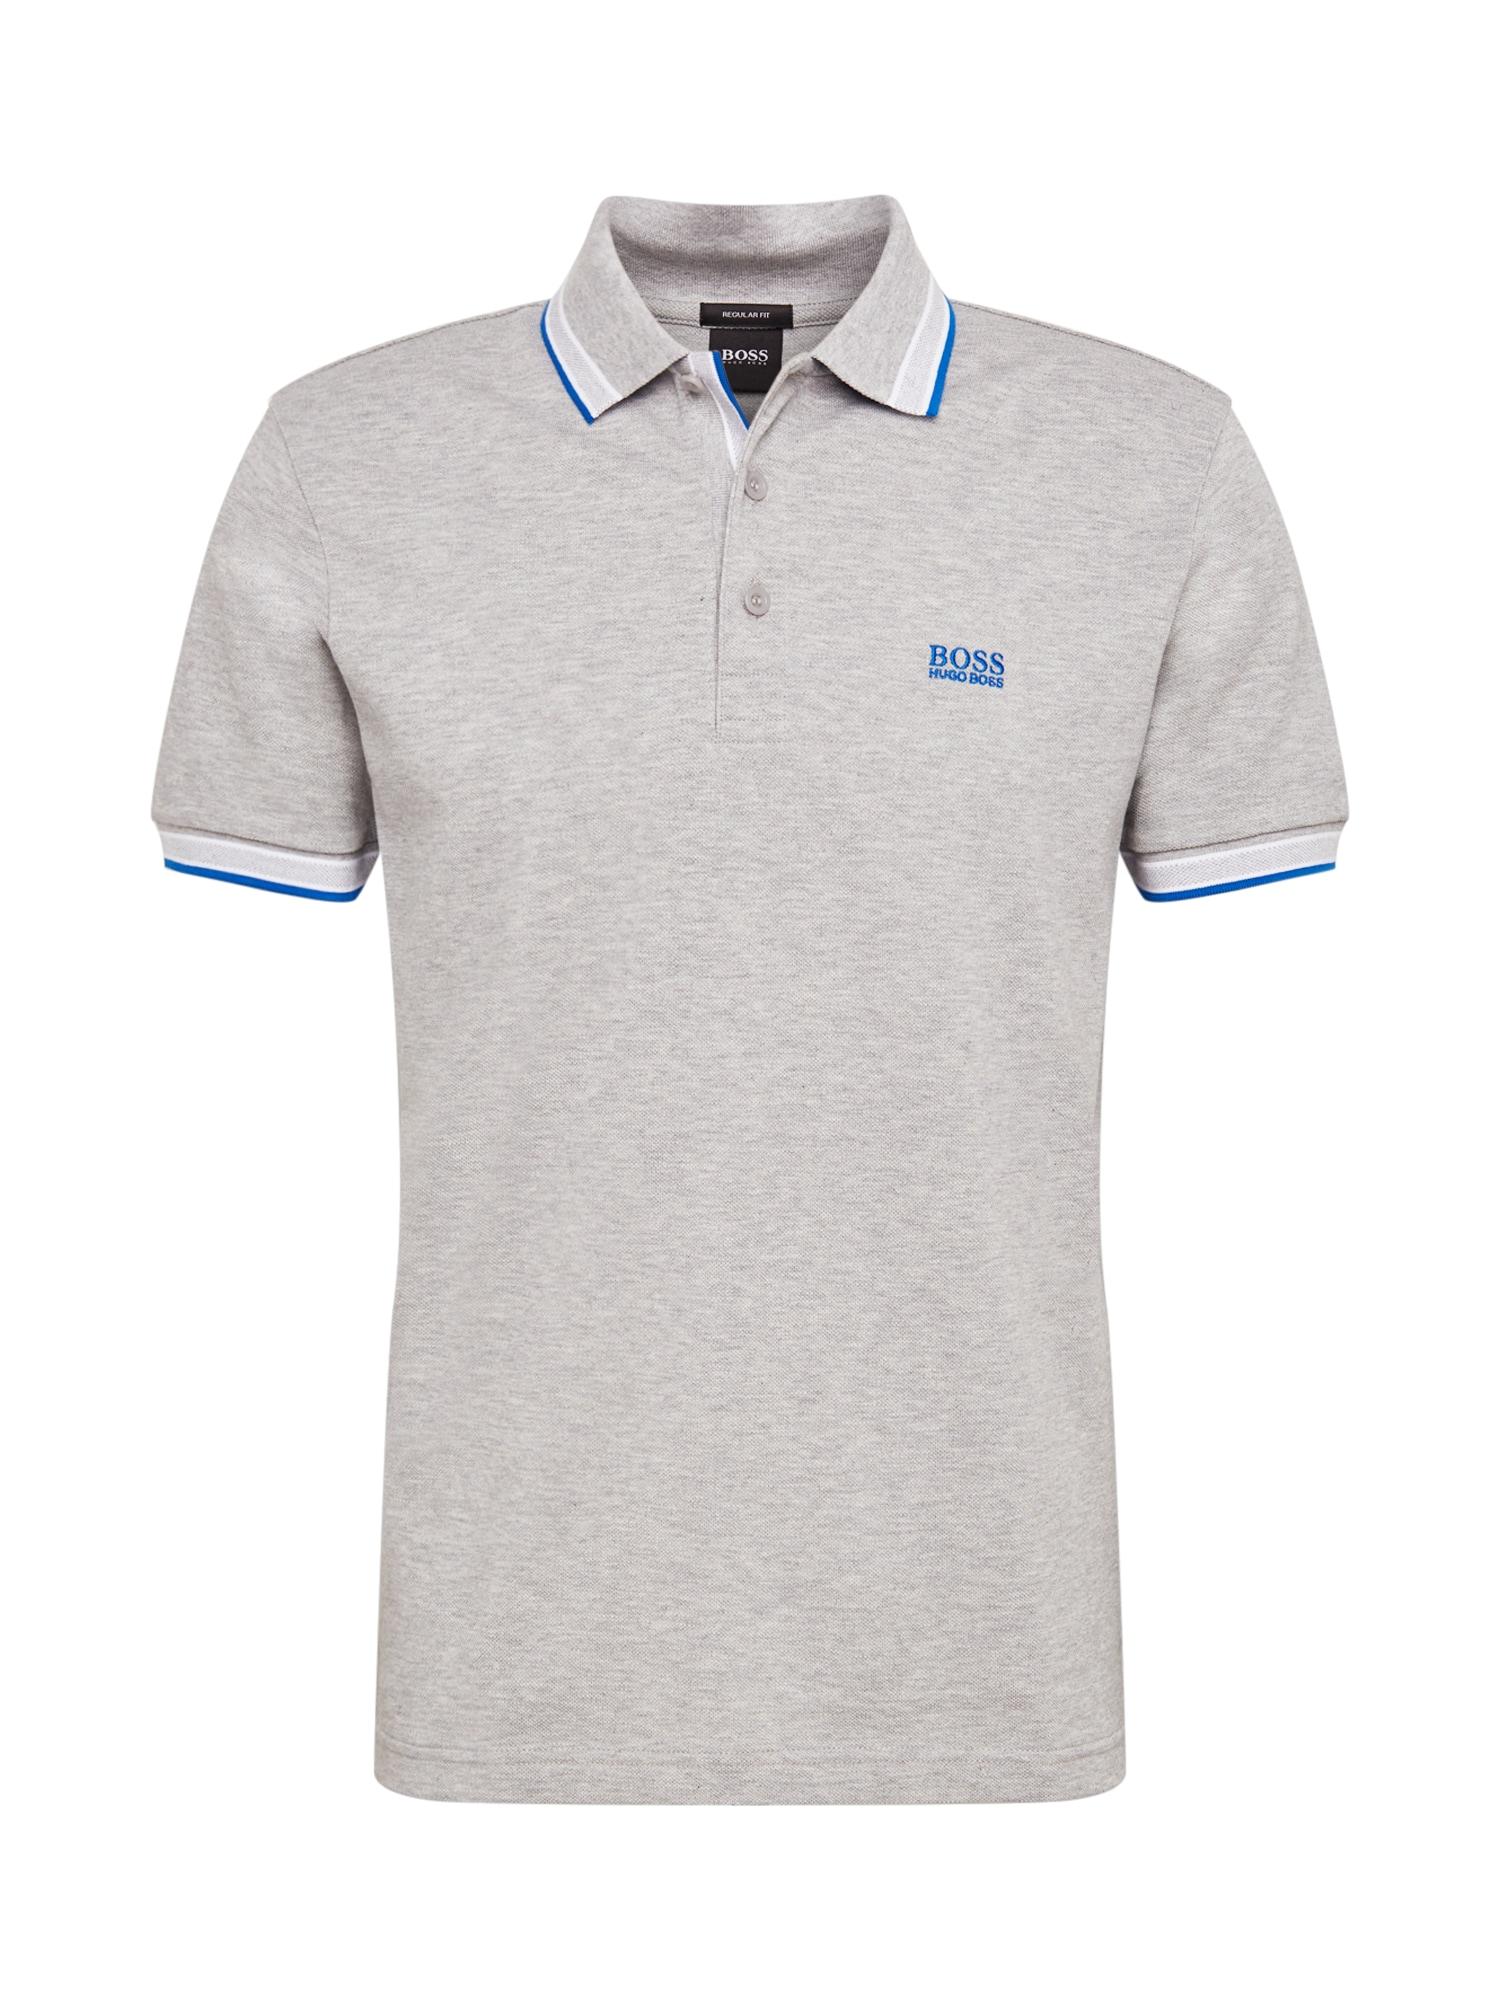 BOSS ATHLEISURE Marškinėliai pilka